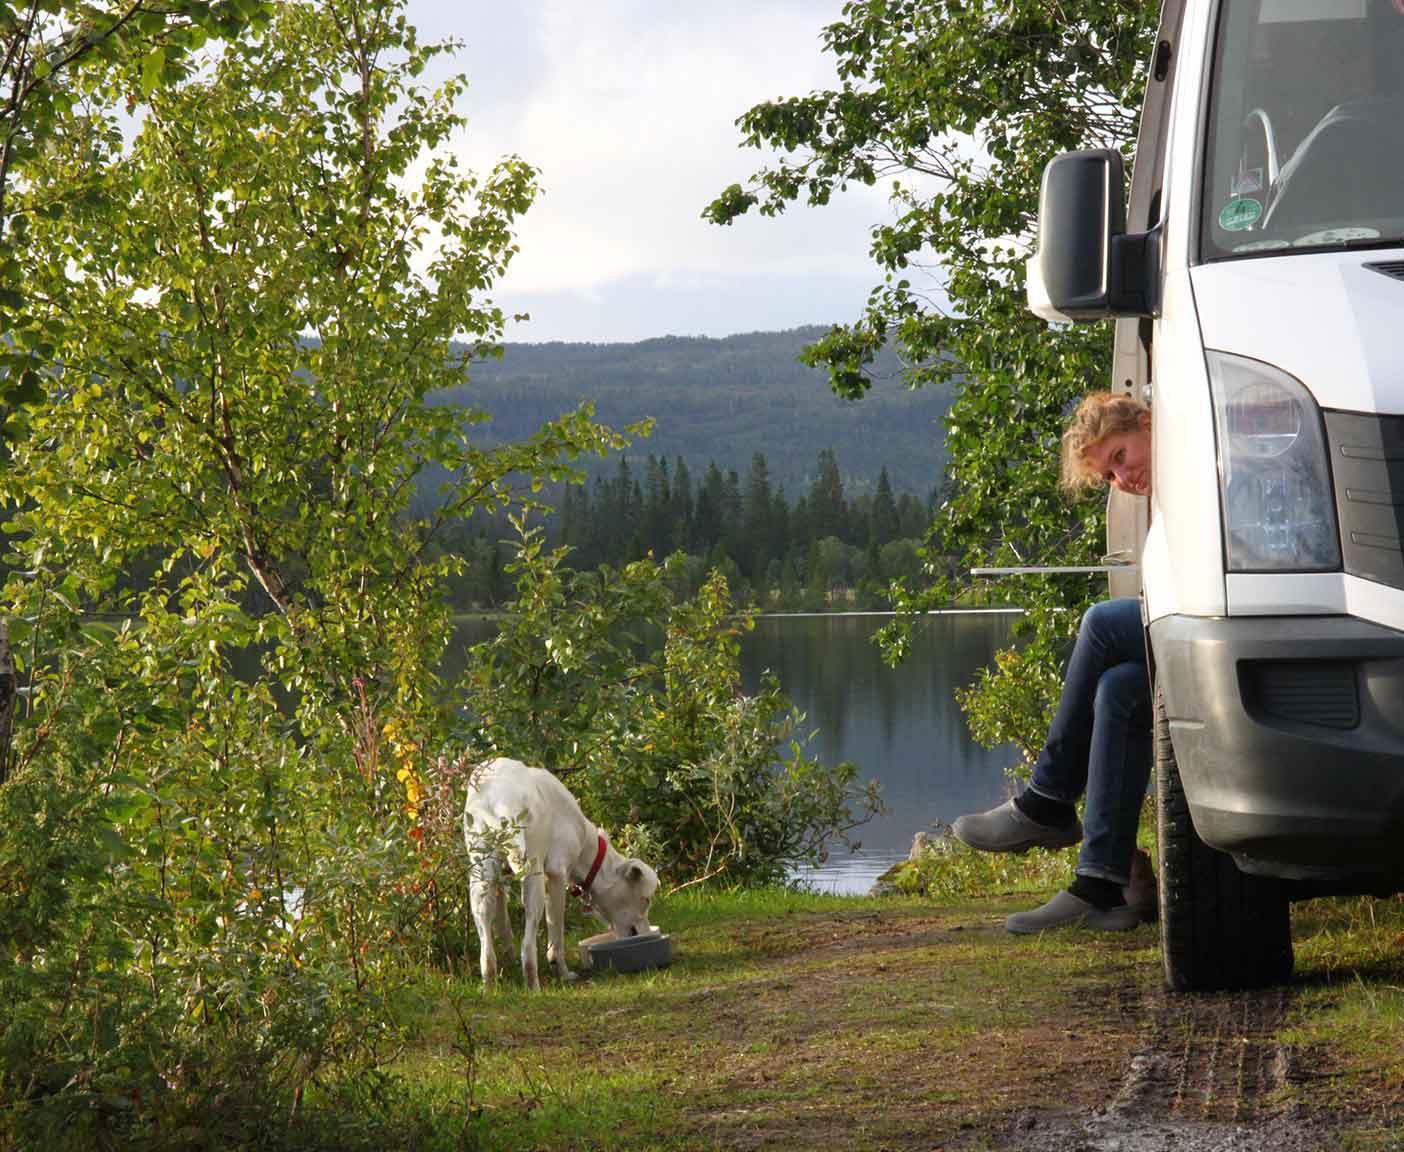 VW-crafter-preis-california-norwegen-4x4-camper-skandinavien